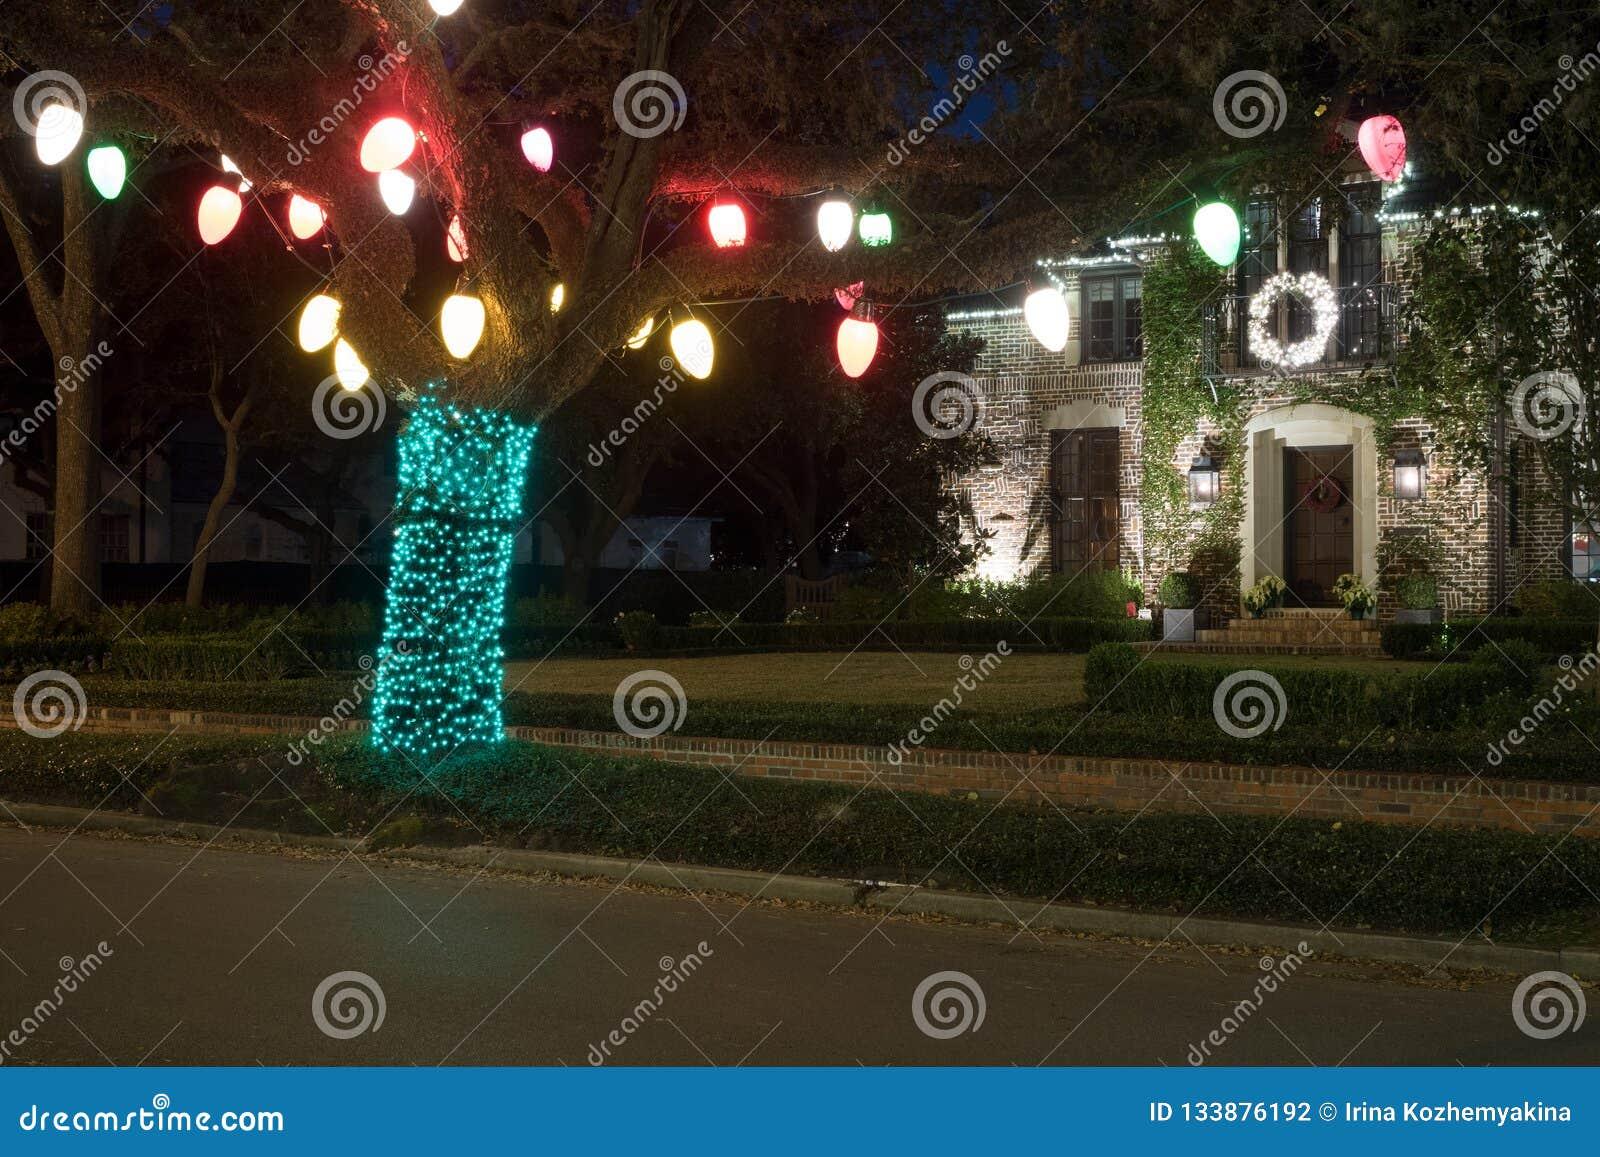 Ντεκόρ Χριστουγέννων στο δέντρο Χειμώνας, νύχτα, Χιούστον, Τέξας, ΗΠΑ